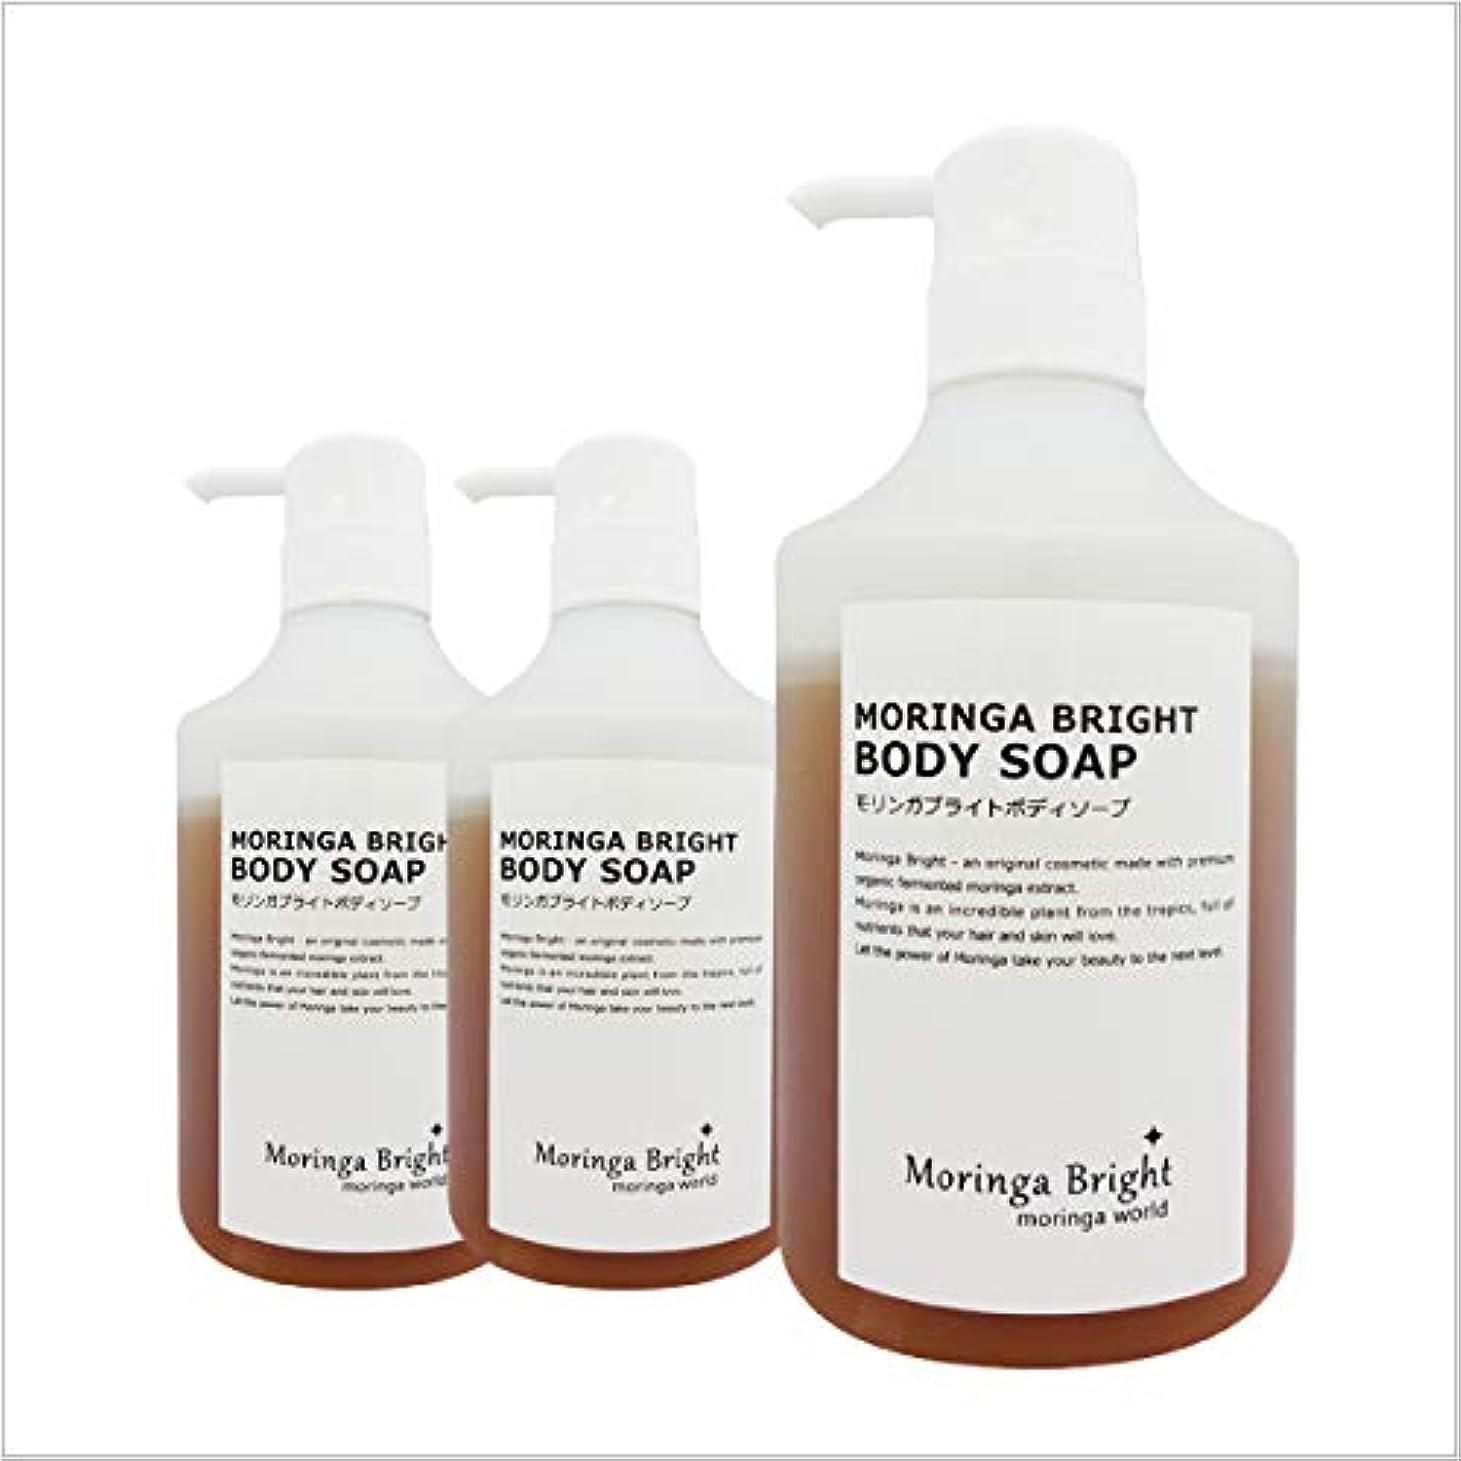 理解する満足させるヒロインモンガブライトボディソープ450ml × 3本セット 最上級の無添加ボディ&洗顔ソープ 国内初の保湿美容成分『発酵モリンガエキス』配合